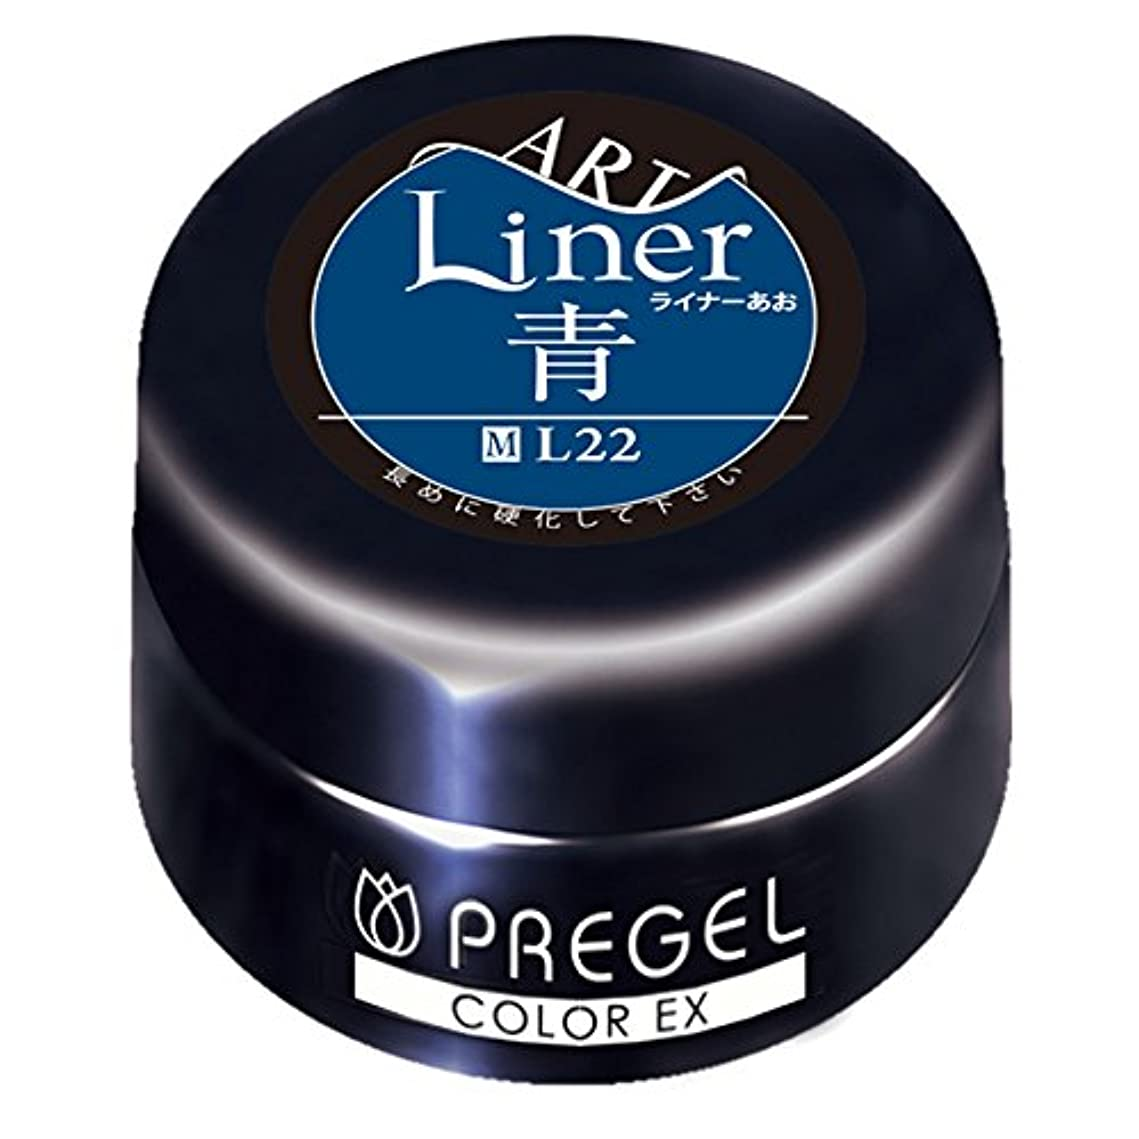 長椅子光融合PRE GEL カラーEX ライナー青 3g PG-CEL22 UV/LED対応